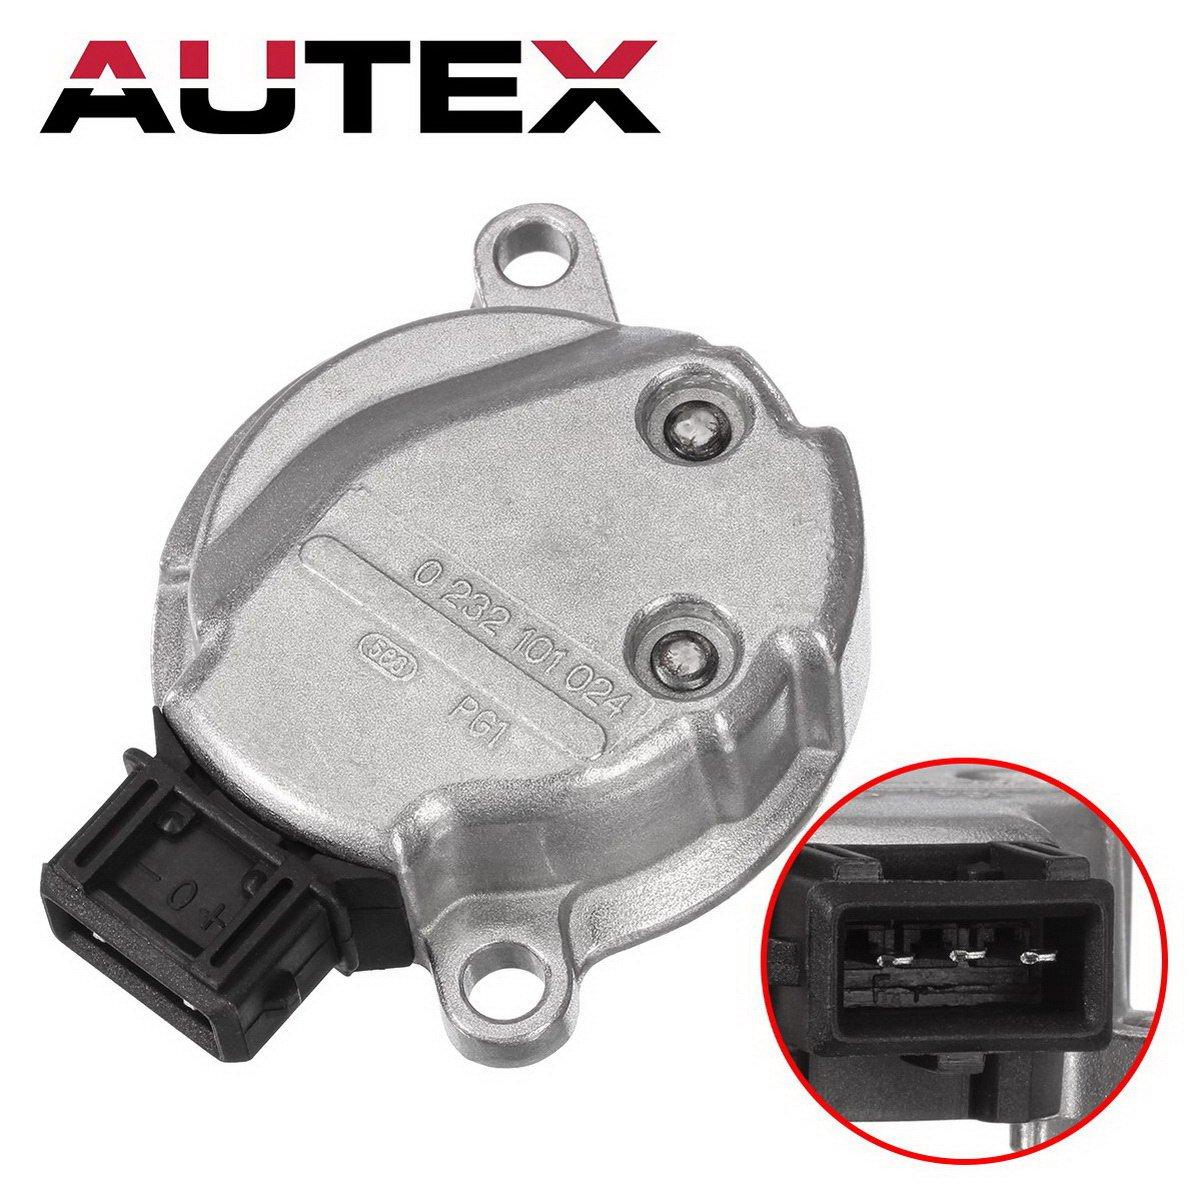 AUTEX PC345 Camshaft Position Sensor compatible with 1997-2007 Audi A4 A4  Quattro A6 A6 Quattro A8 A8 Quattro Allroad Quattro RS6 S3 S4 S6 S8 TT TT